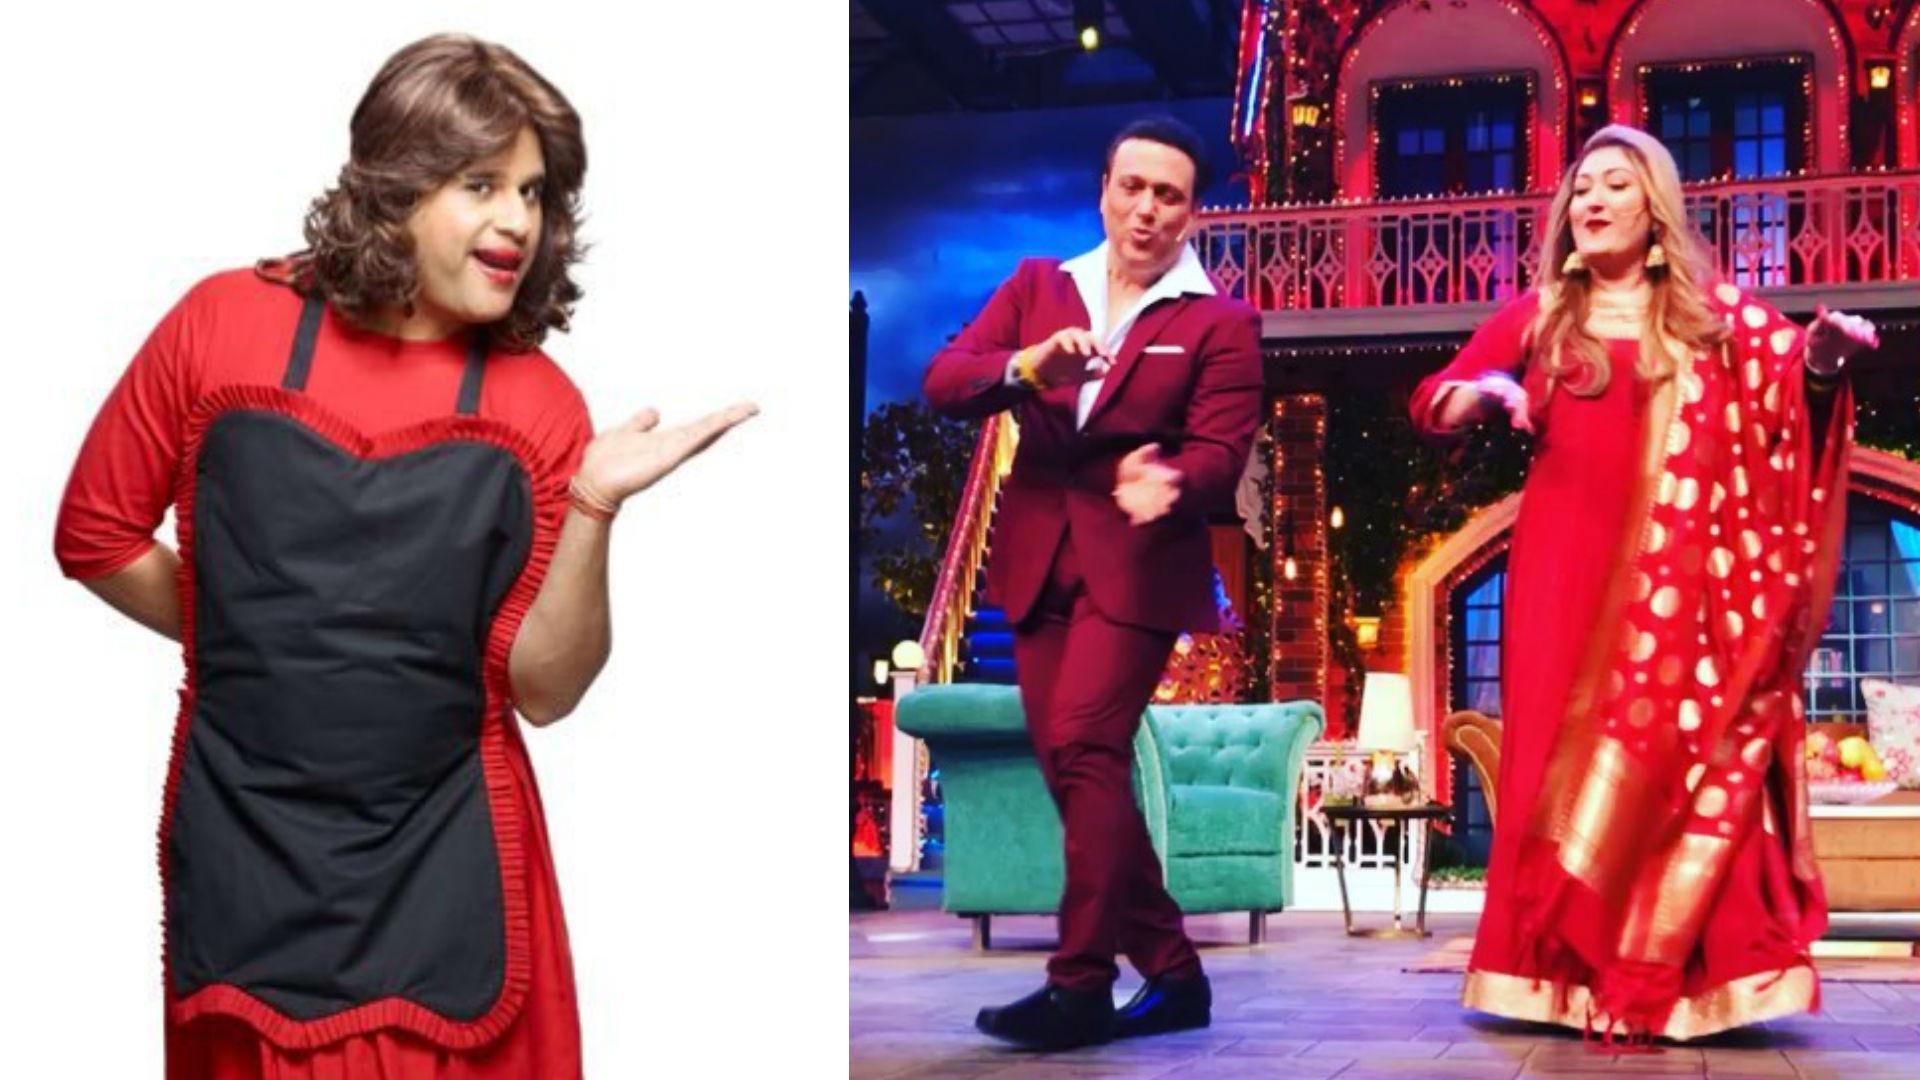 द कपिल शर्मा शो में पत्नी के साथ पहुंचे थे गोविंदा, इस वजह से लगा भांजे कृष्णा अभिषेक की एंट्री पर बैन